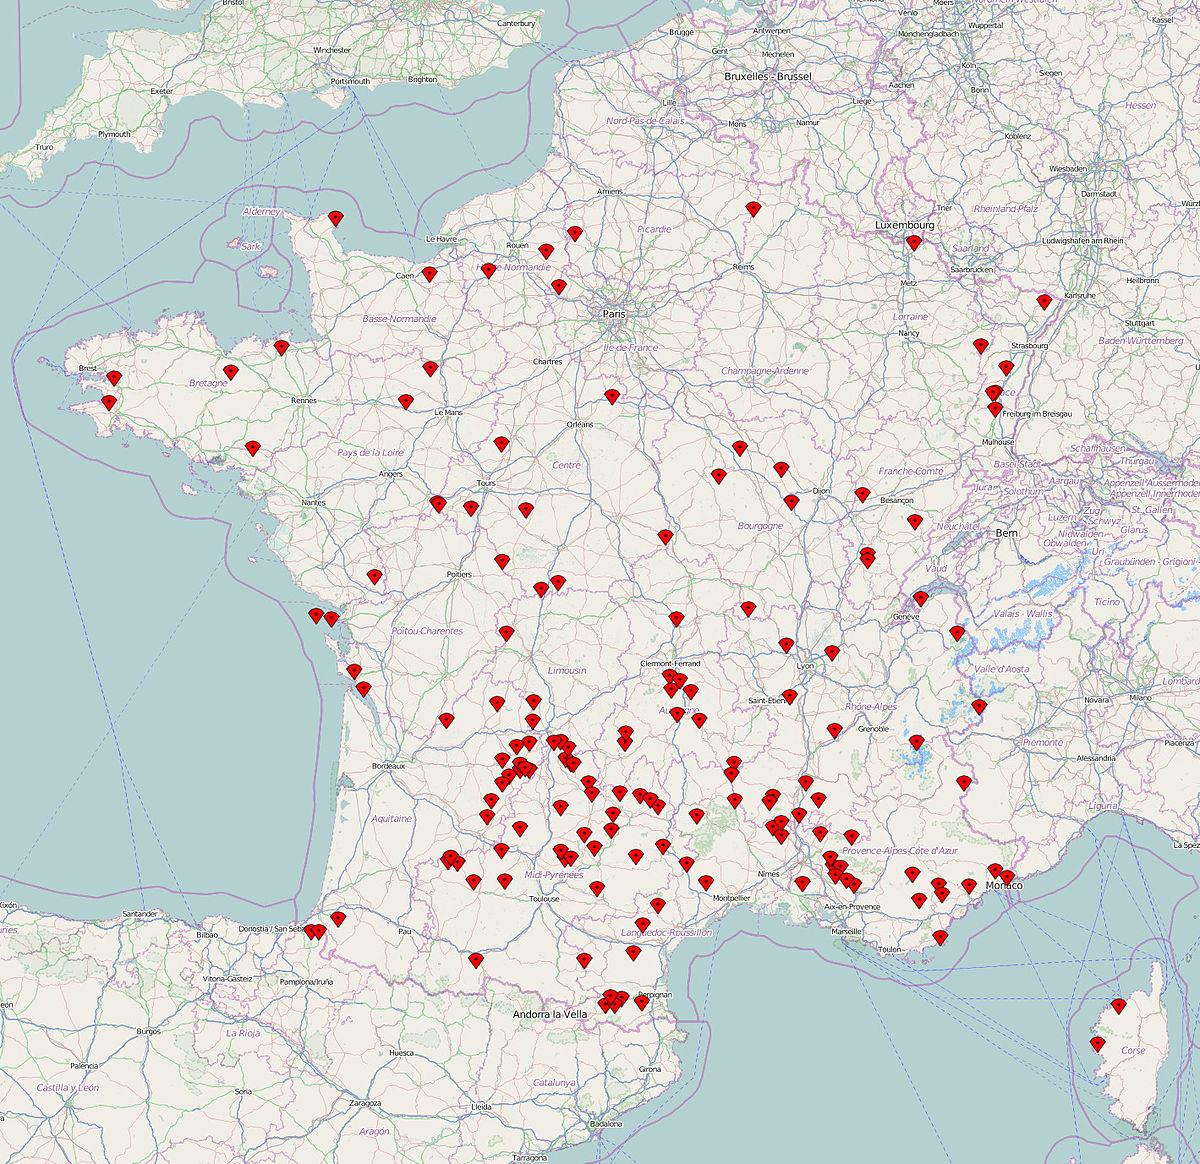 Les plus beaux villages de france wikipedia - Les plus beaux gites de france ...